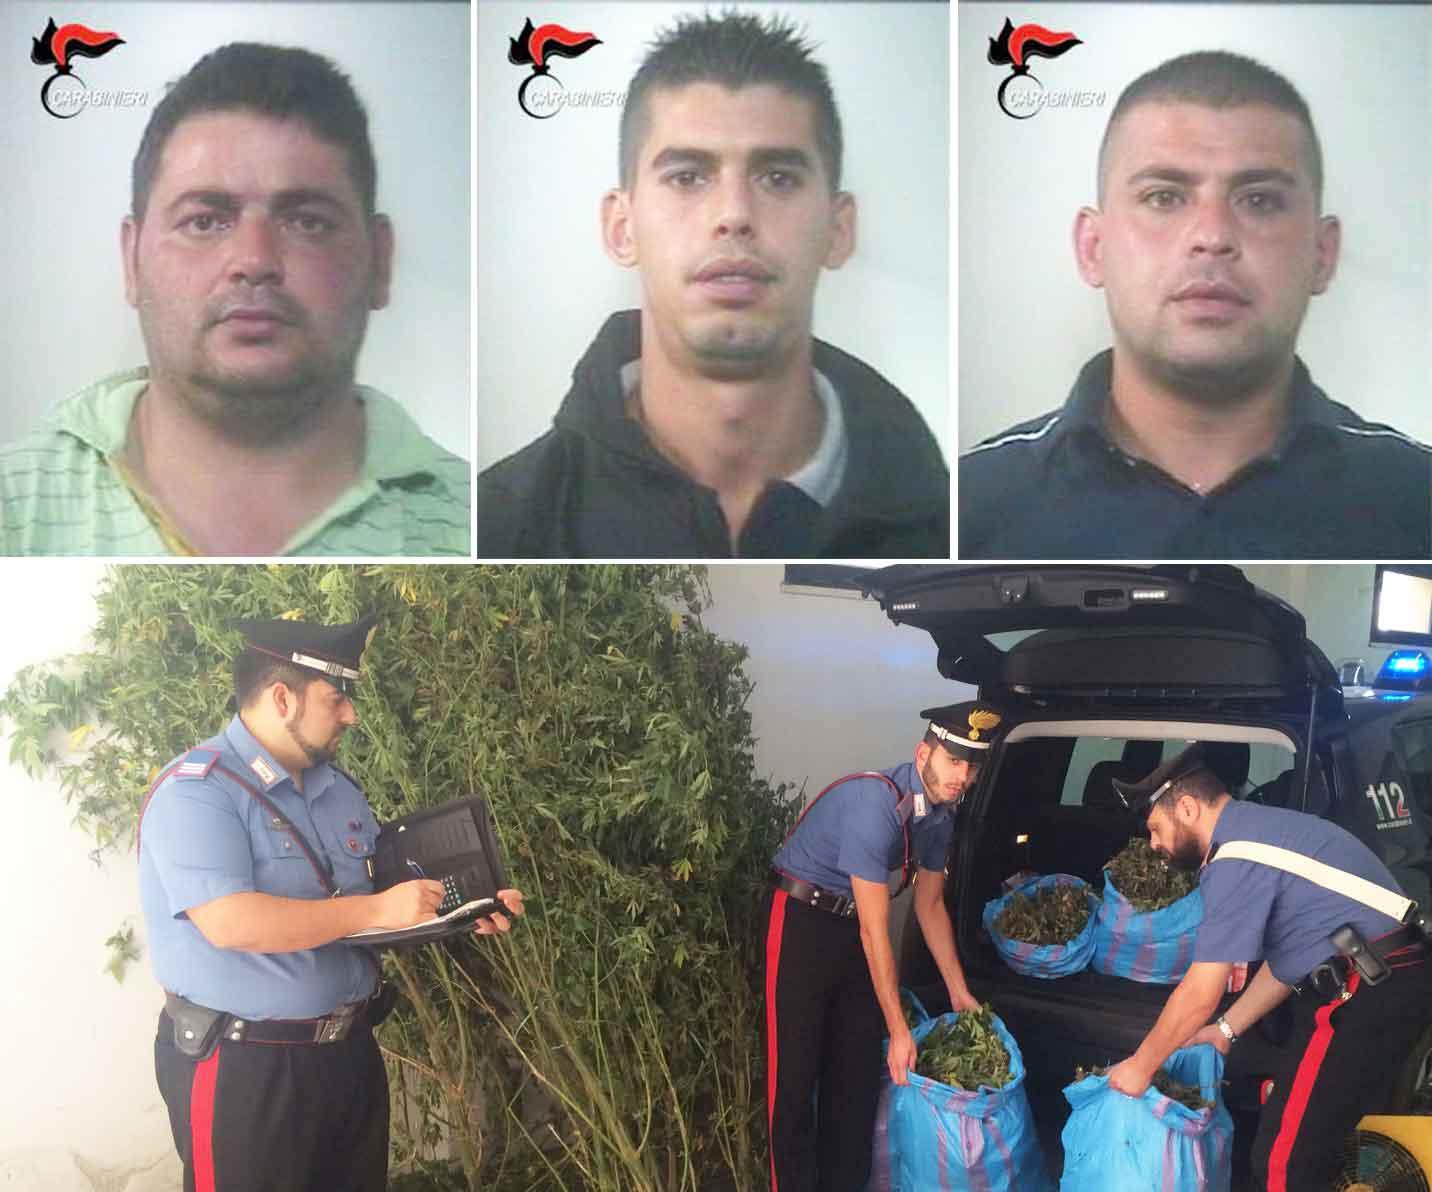 Francesco Violi, Mariano Delfino e Rocco Graziano Delfino. In basso i militari con la marijuana sequestrata a Bagnara Calabra